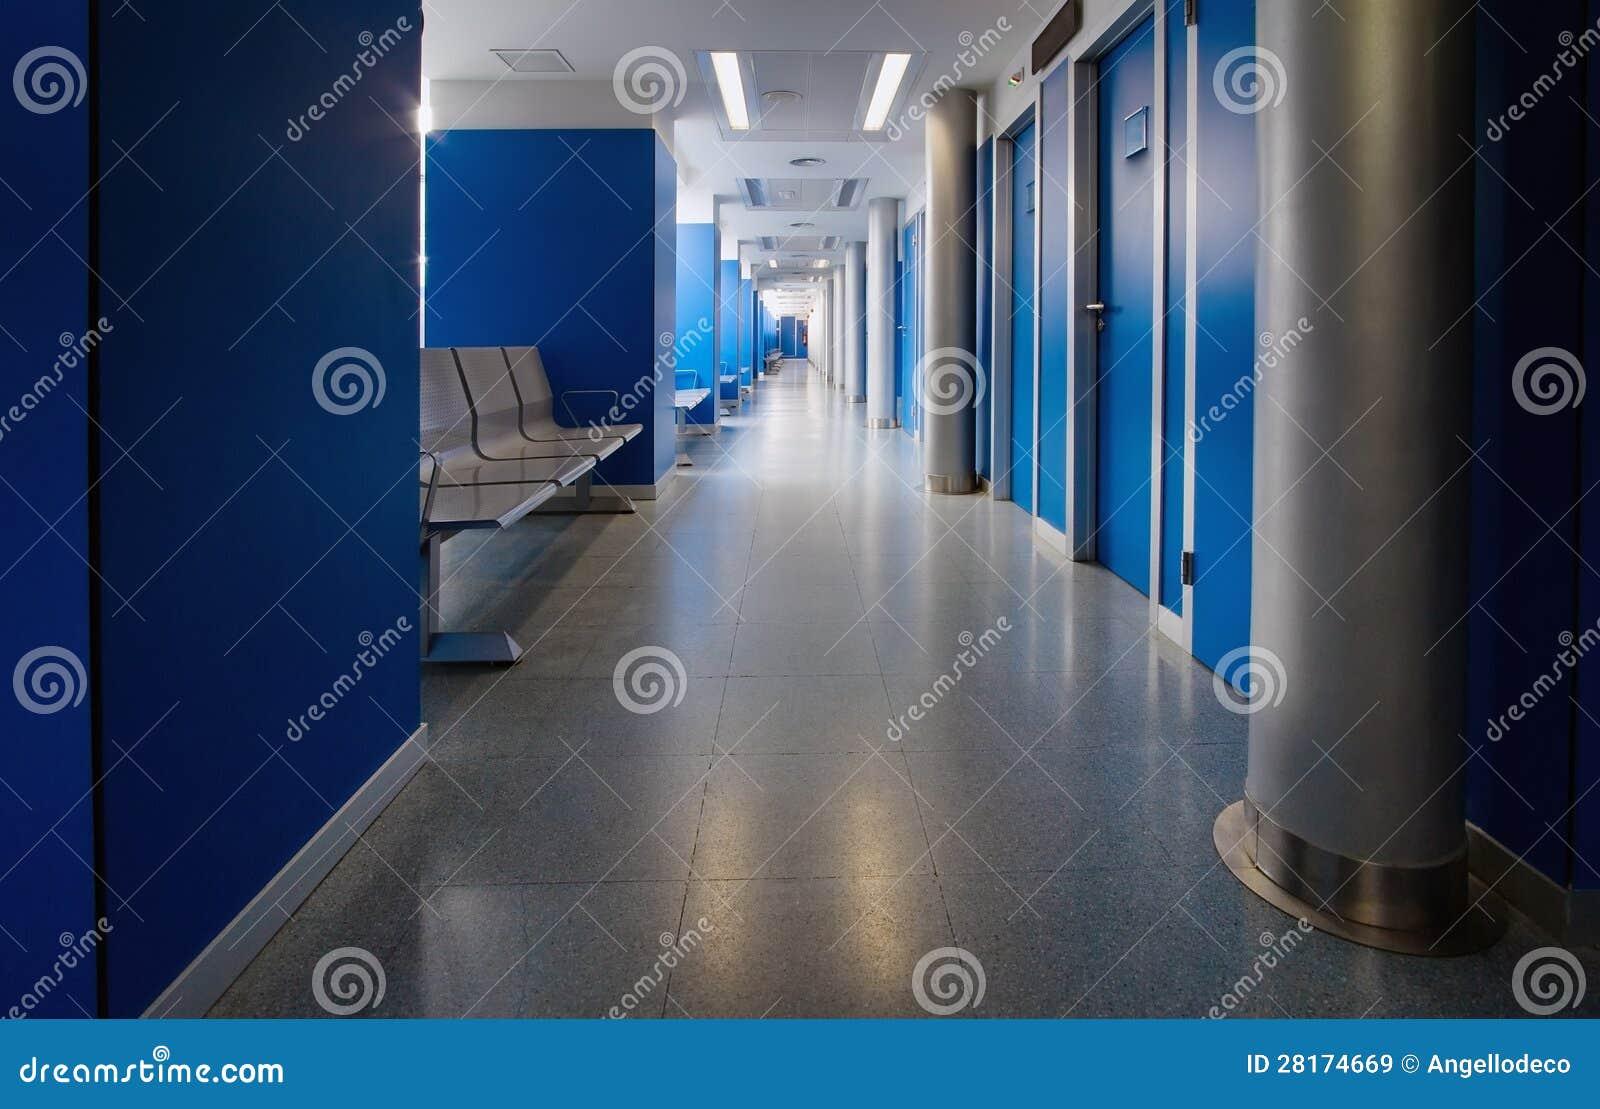 Sitio de consulta de un hospital